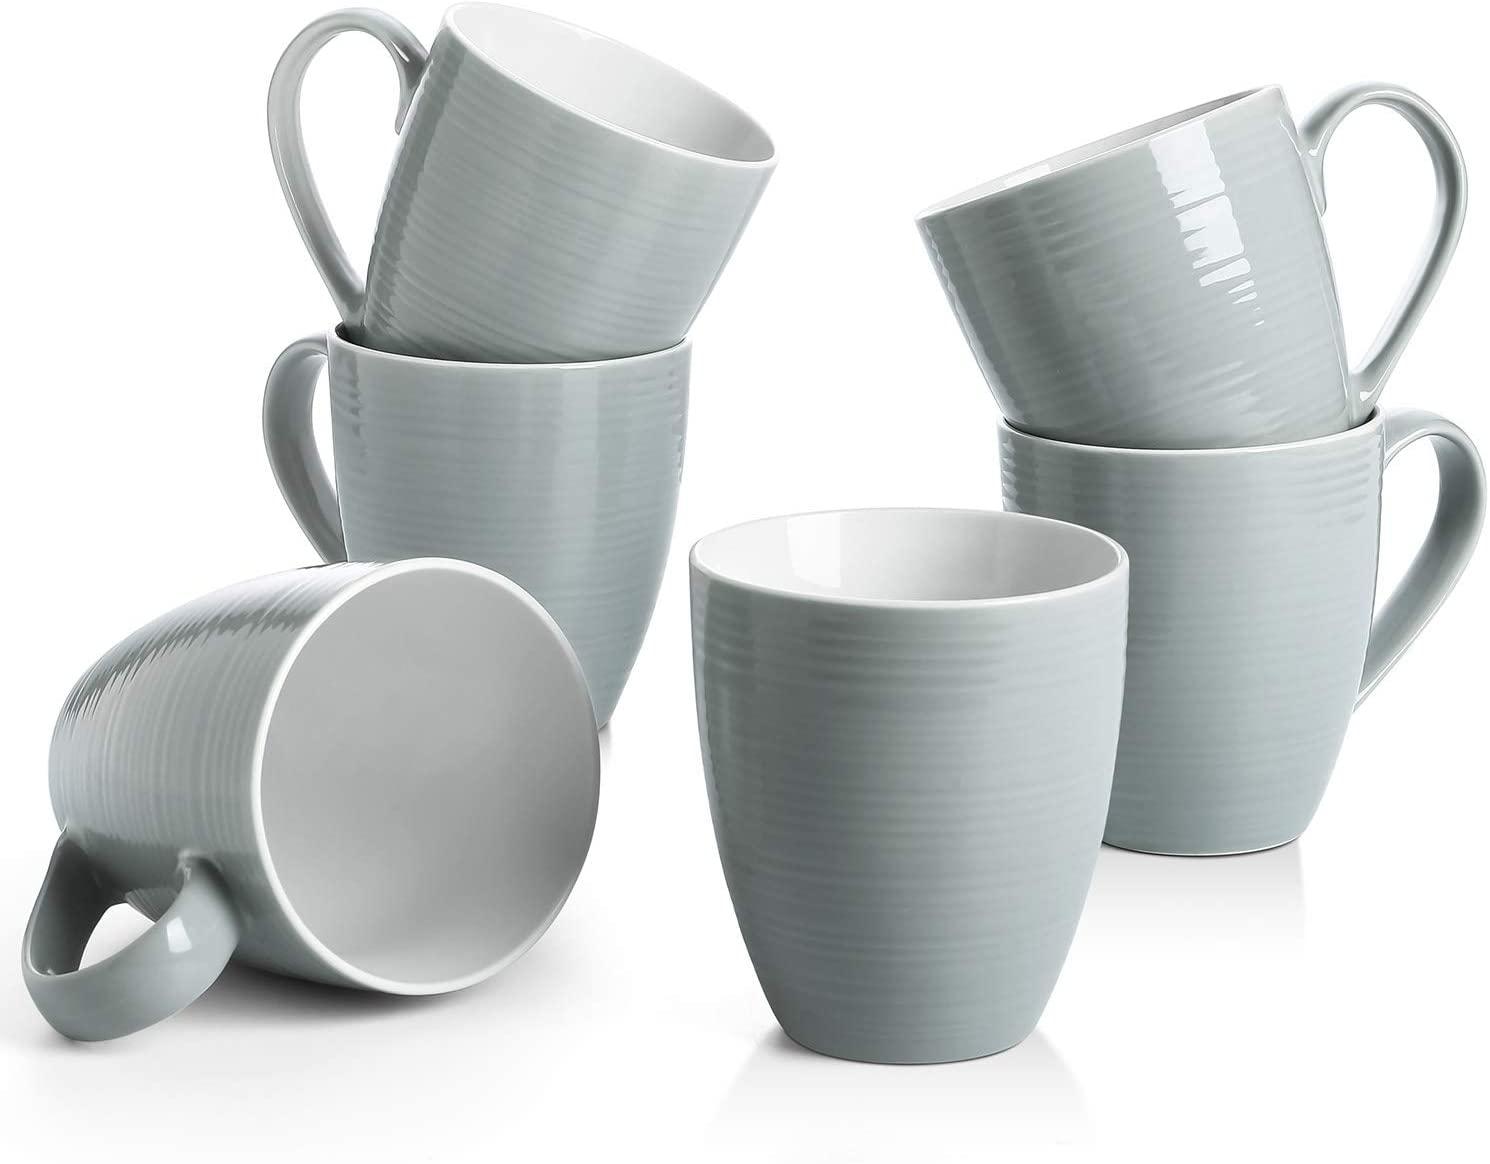 practical-housewarming-gifts-mugs